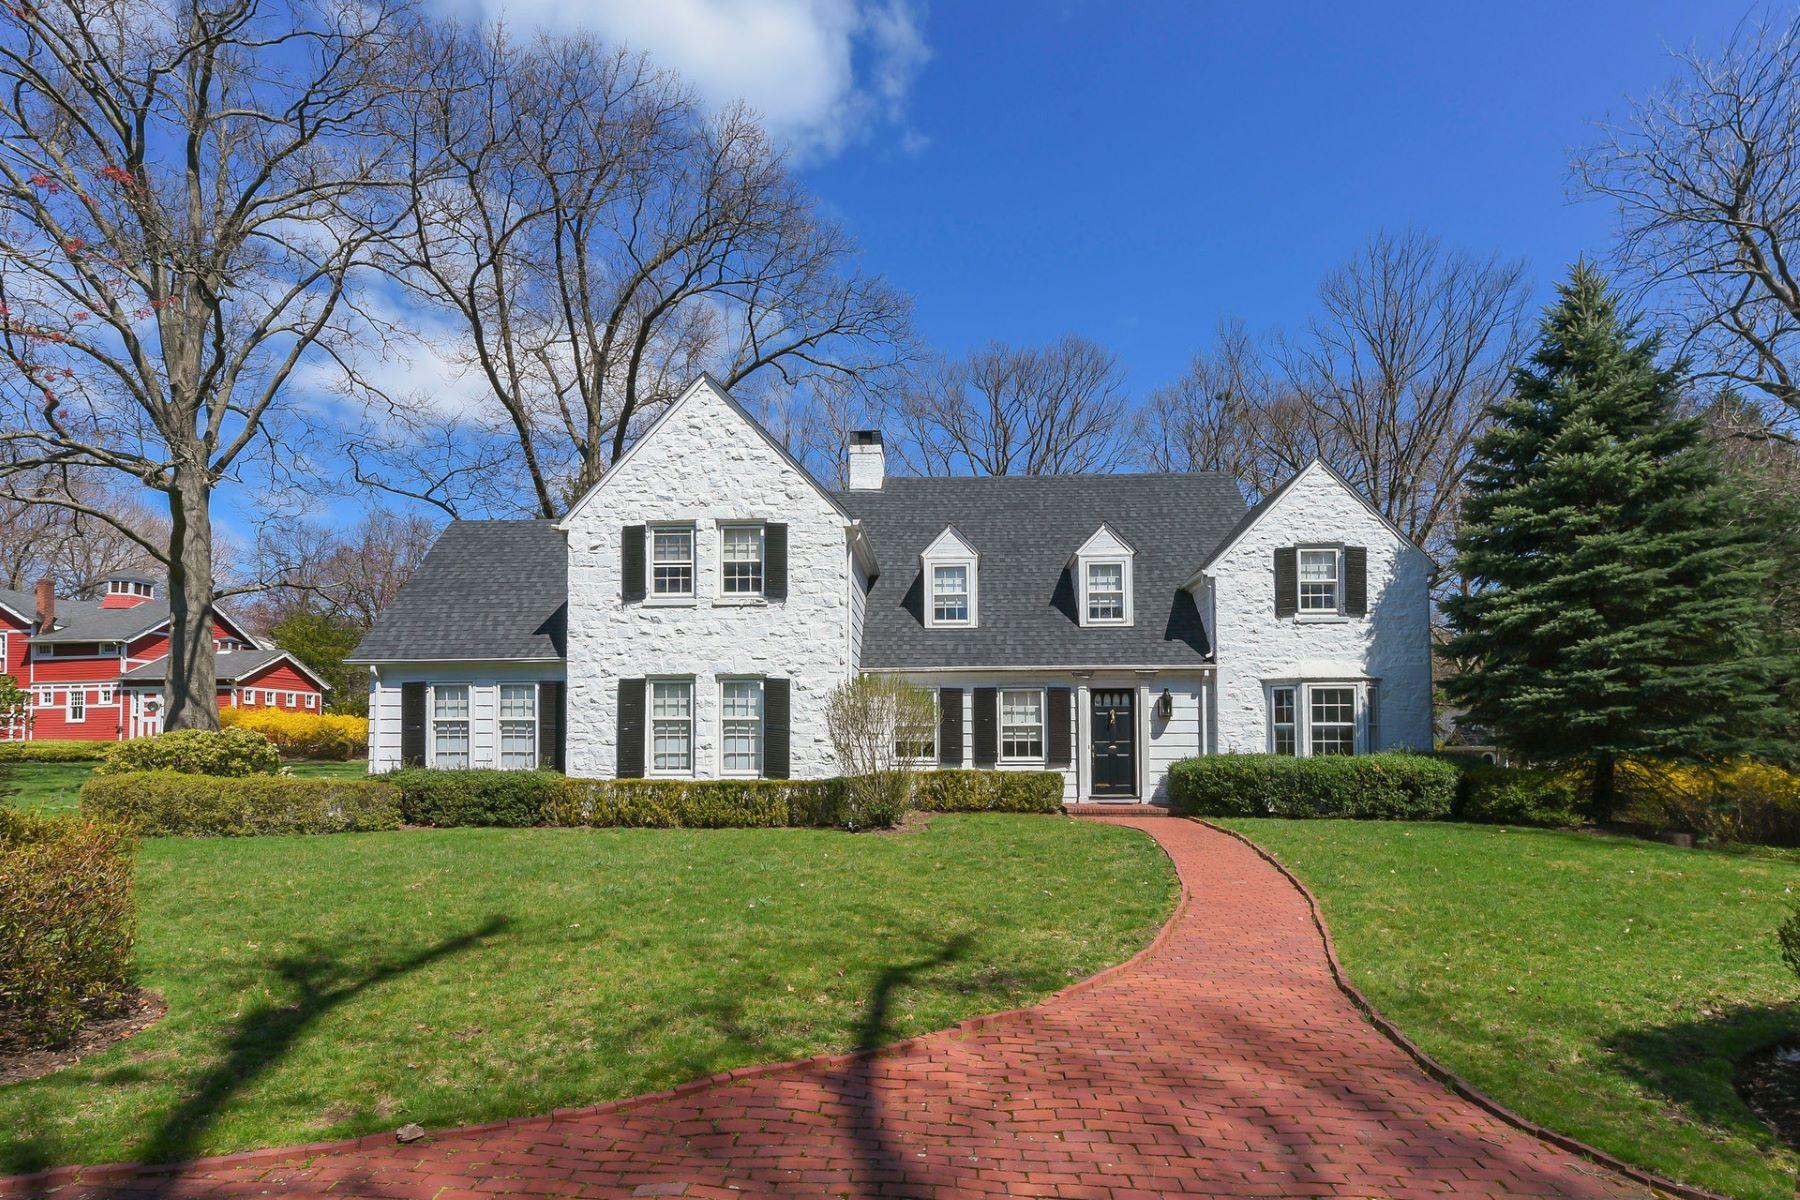 土地,用地 为 销售 在 Bucolic Retreat 44 Lydecker St, 恩格尔伍德, 新泽西州 07631 美国